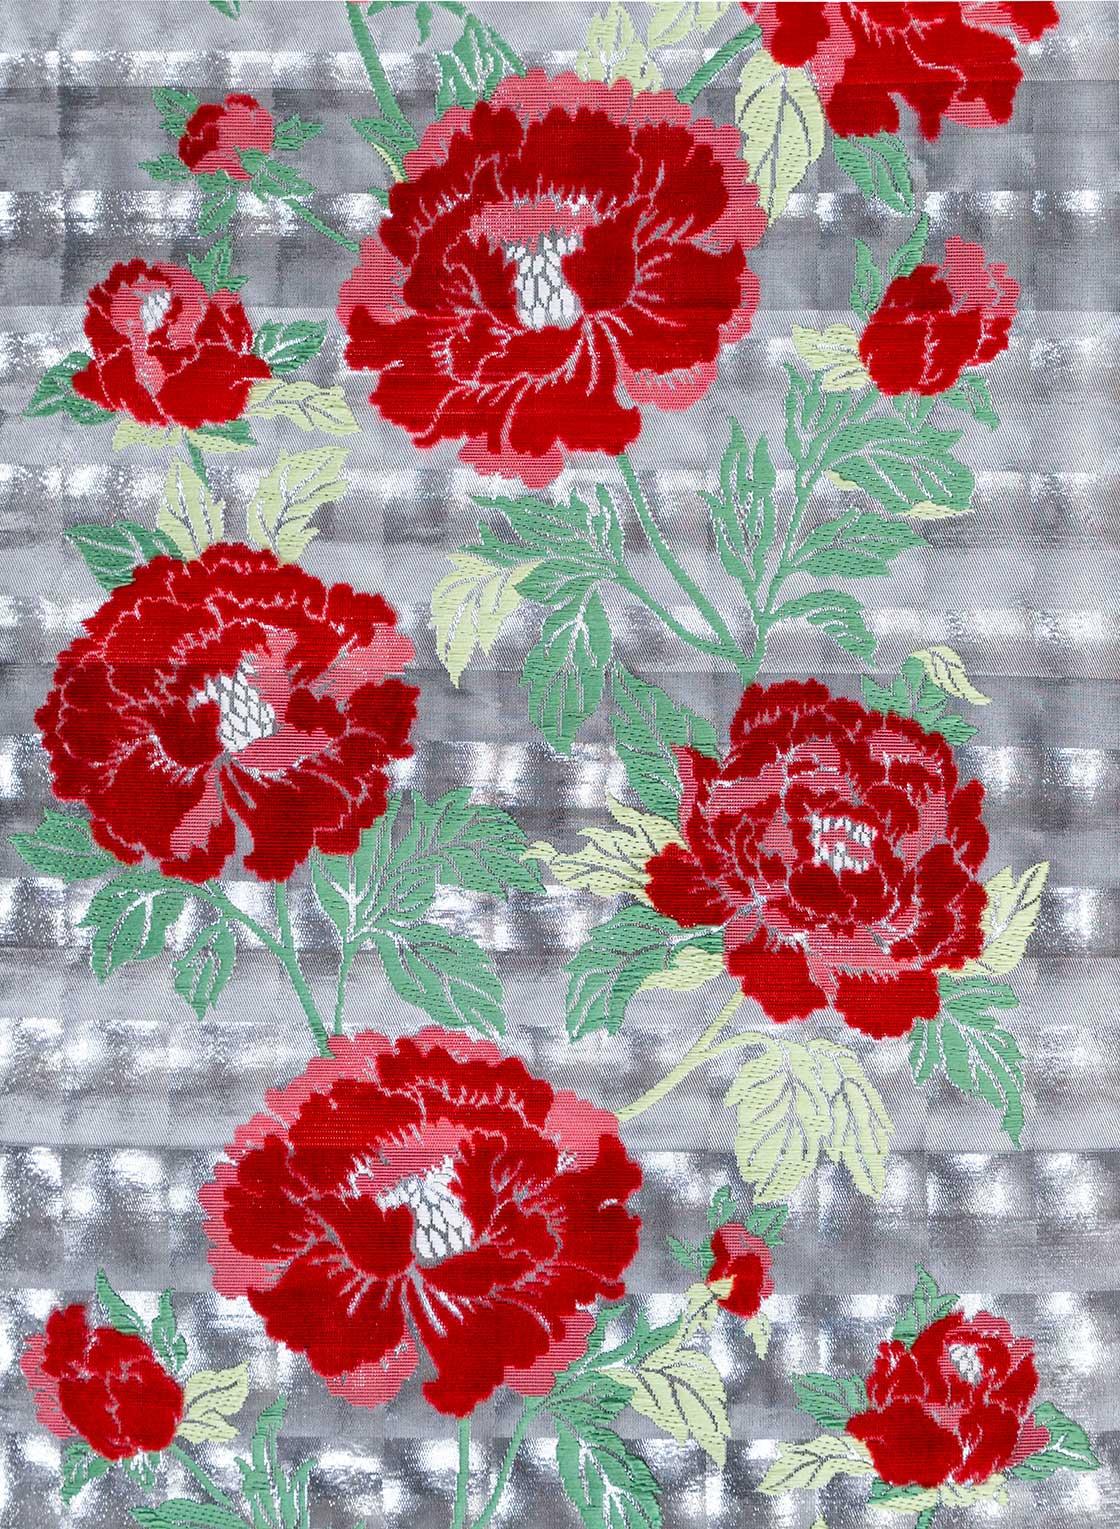 引箔とビロード織技術を組み合わせておられた織物